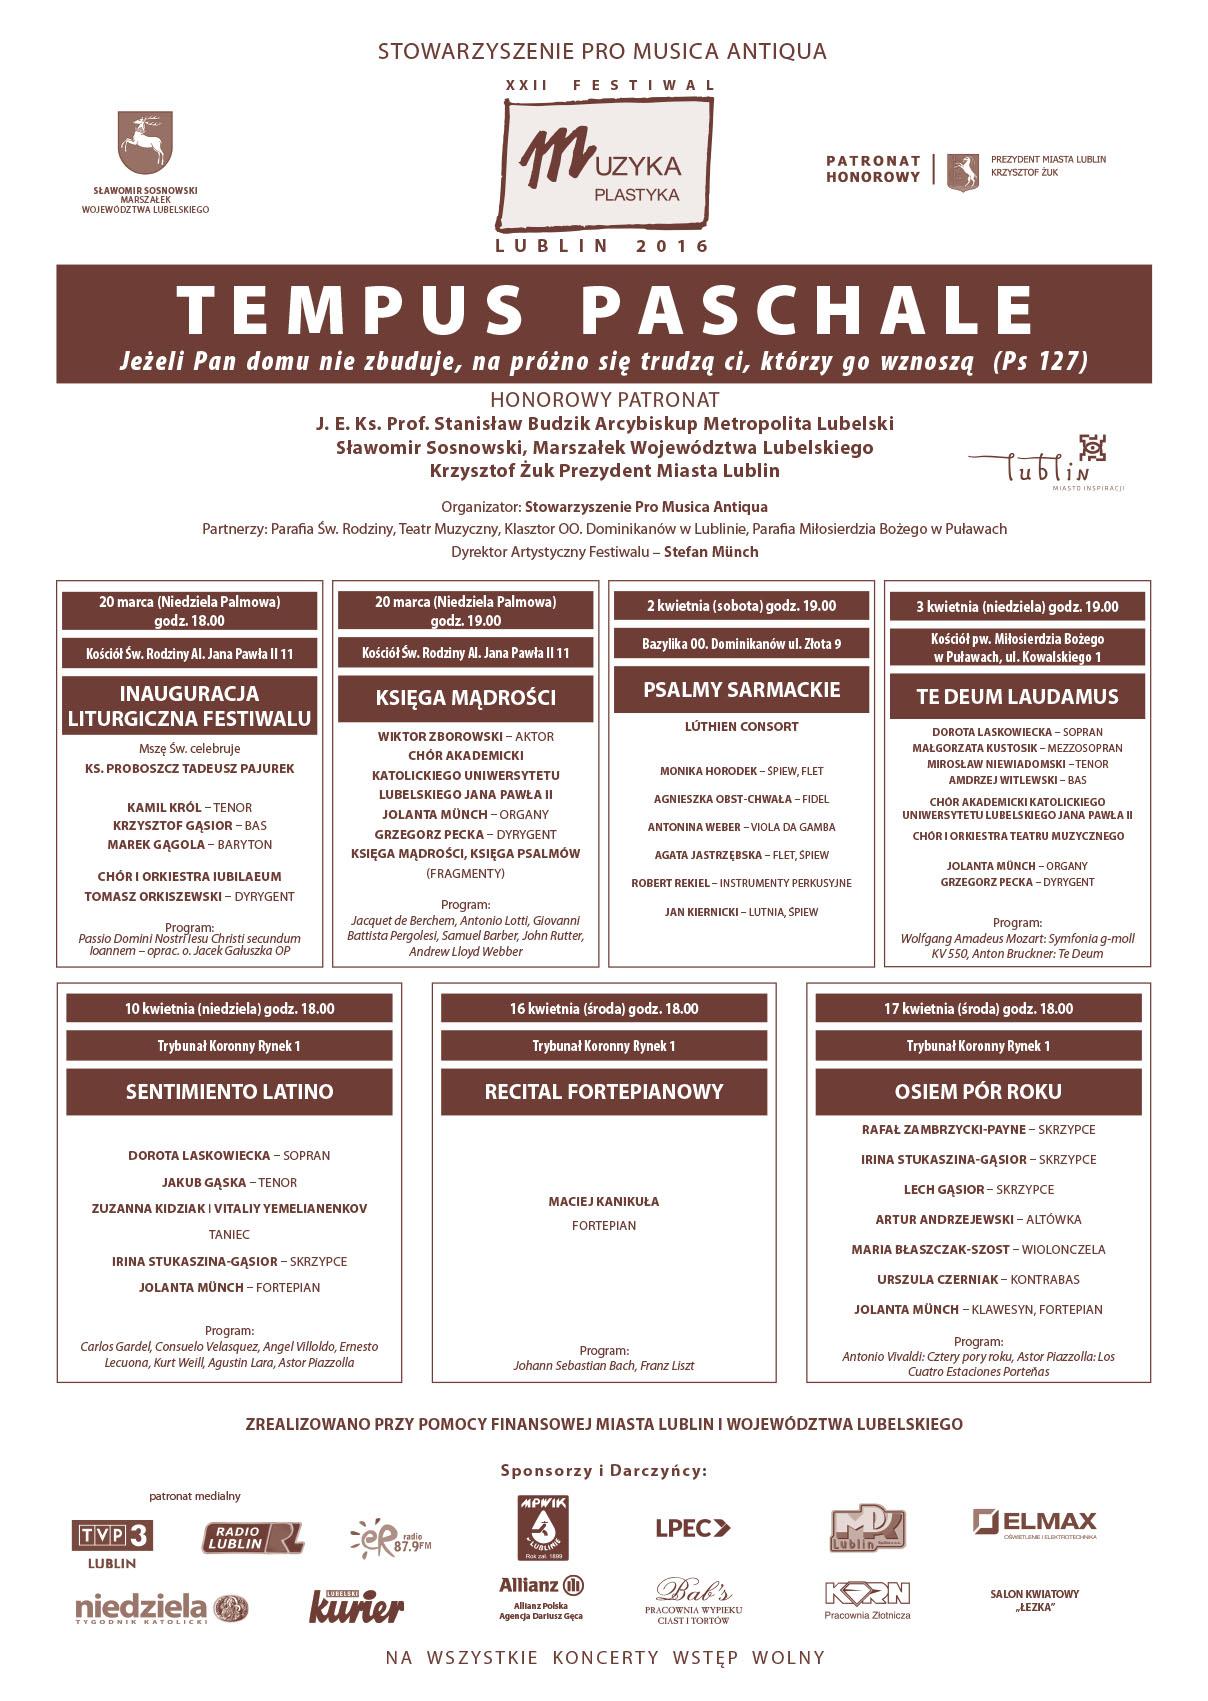 XXII Festiwal Tempus Paschale – Lublin 2016 (20.03-17.04.2016)